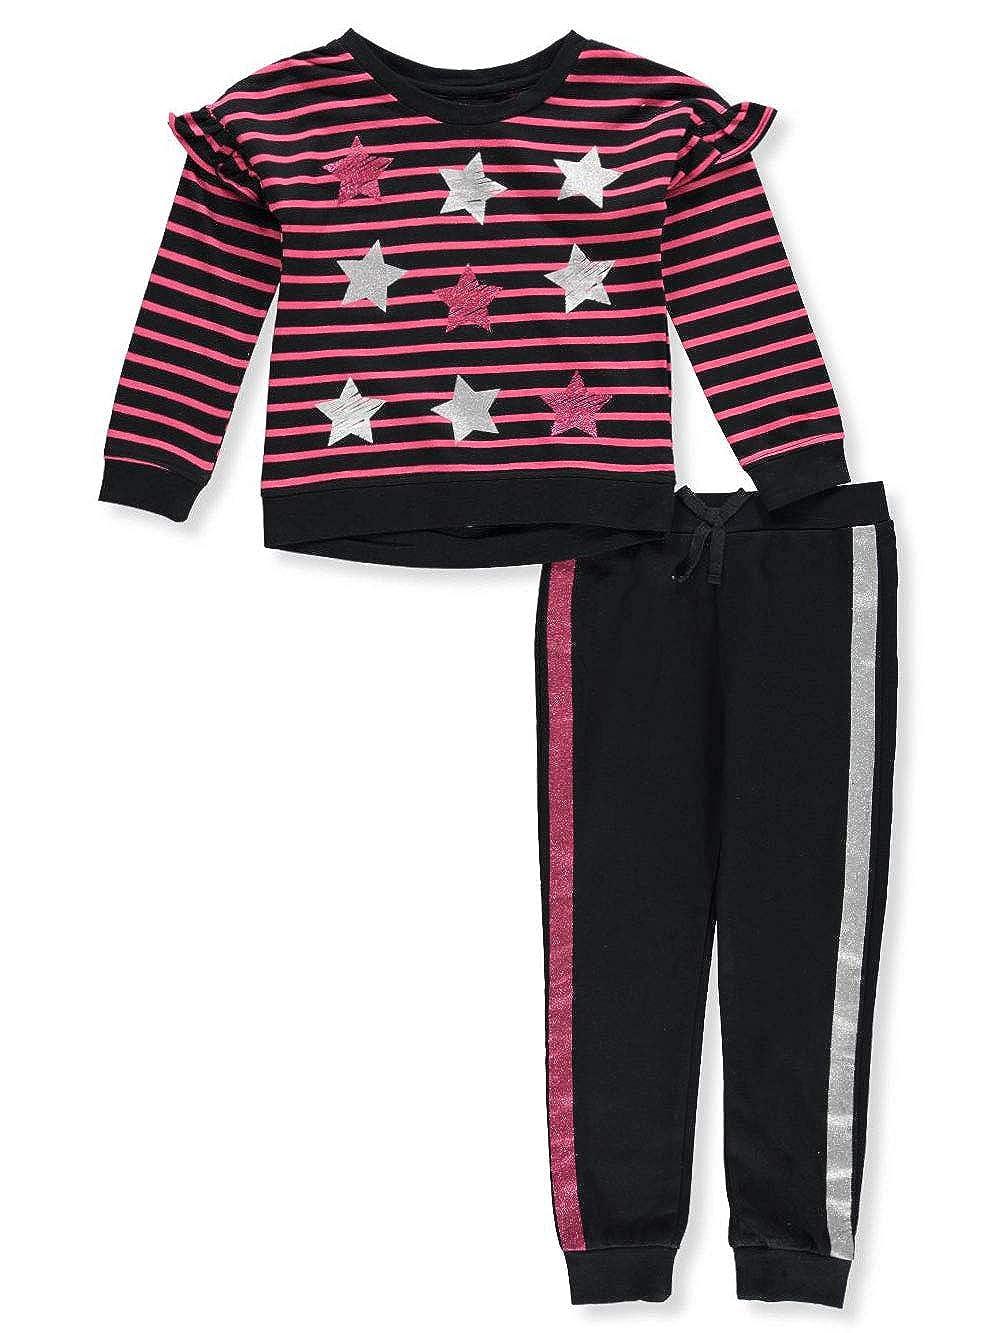 Kidtopia Girls' 2-Piece Pants Set Outfit